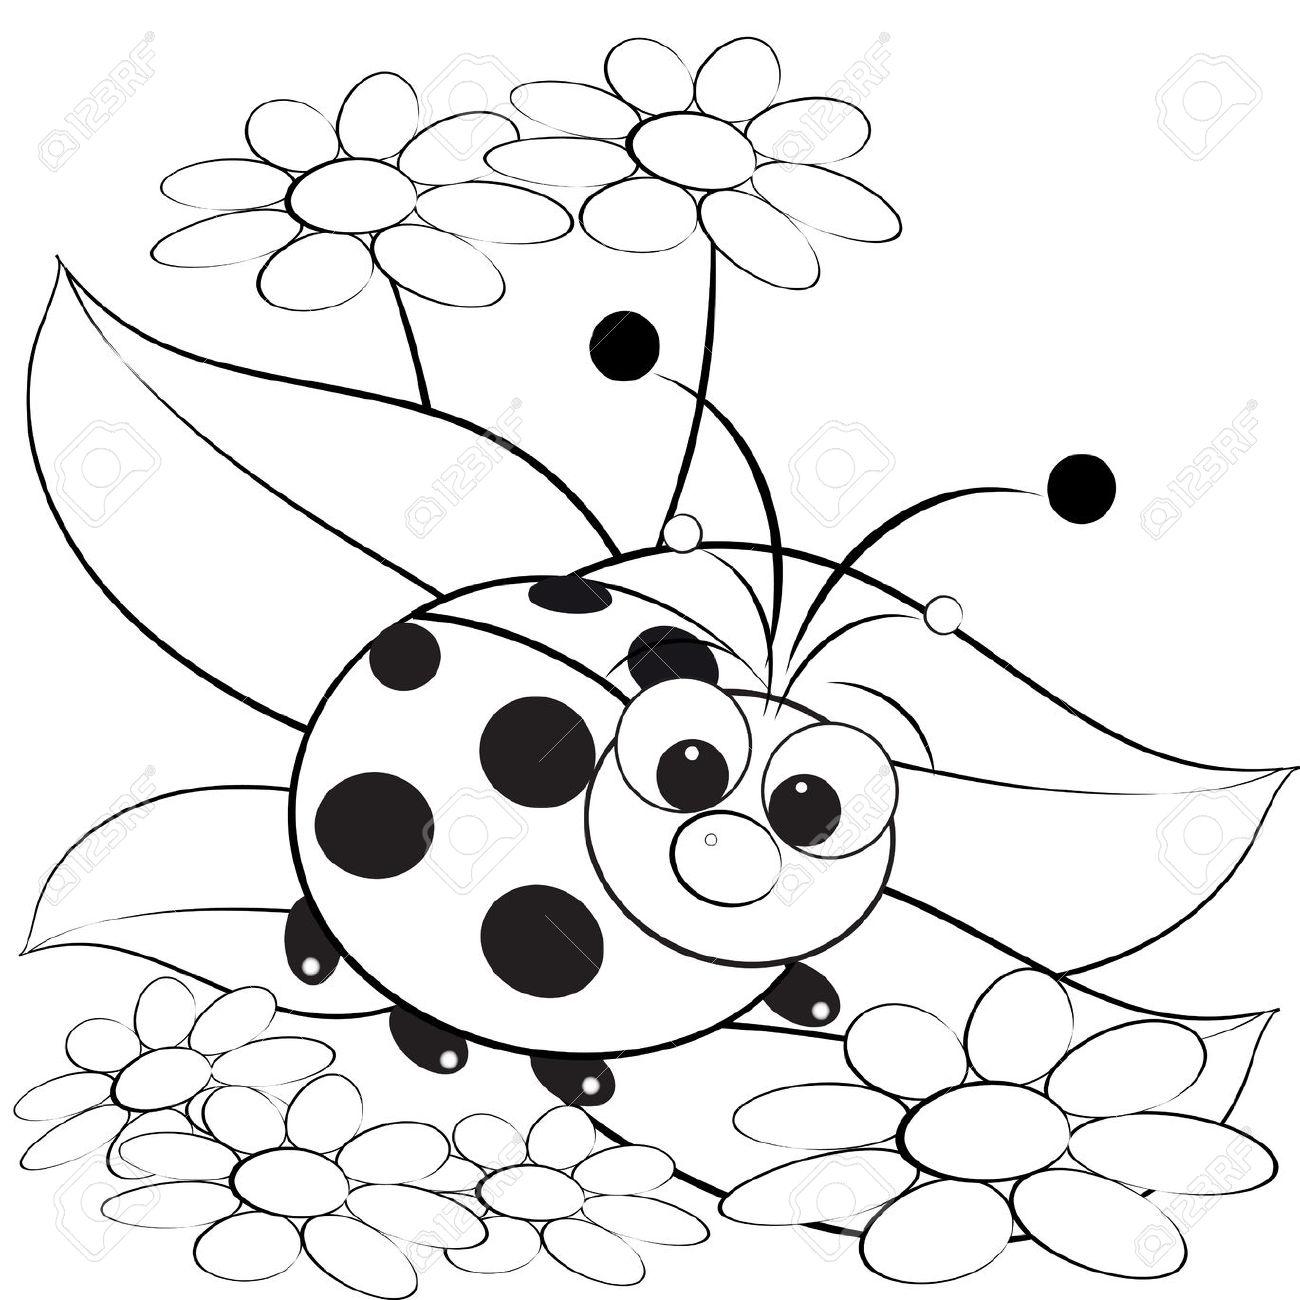 Ladybug drawings for kids - photo#40